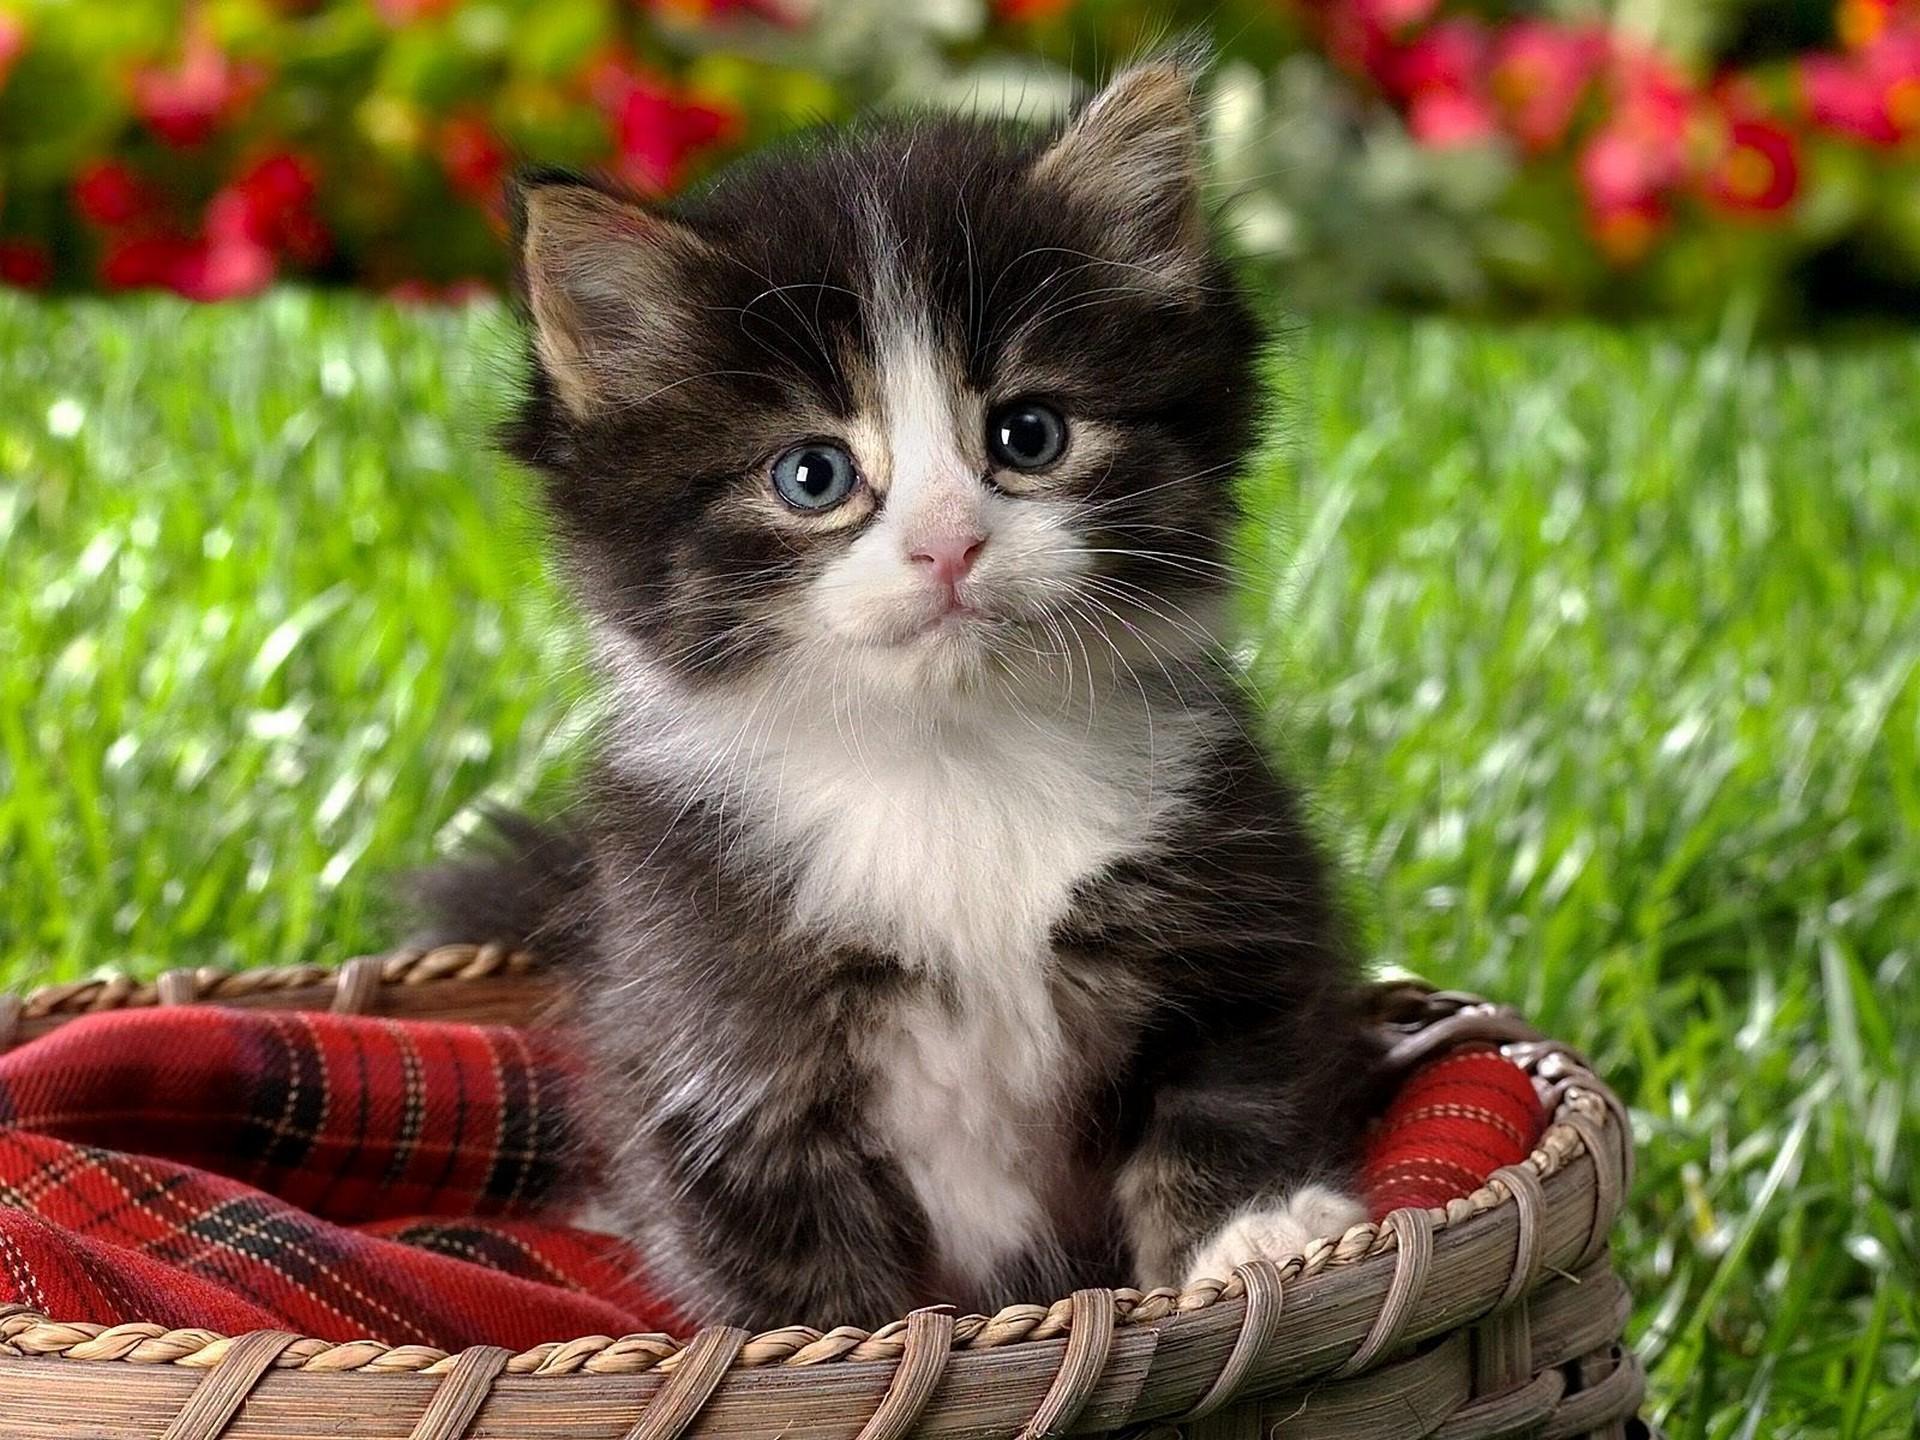 удивительные картинки котят каждого урока